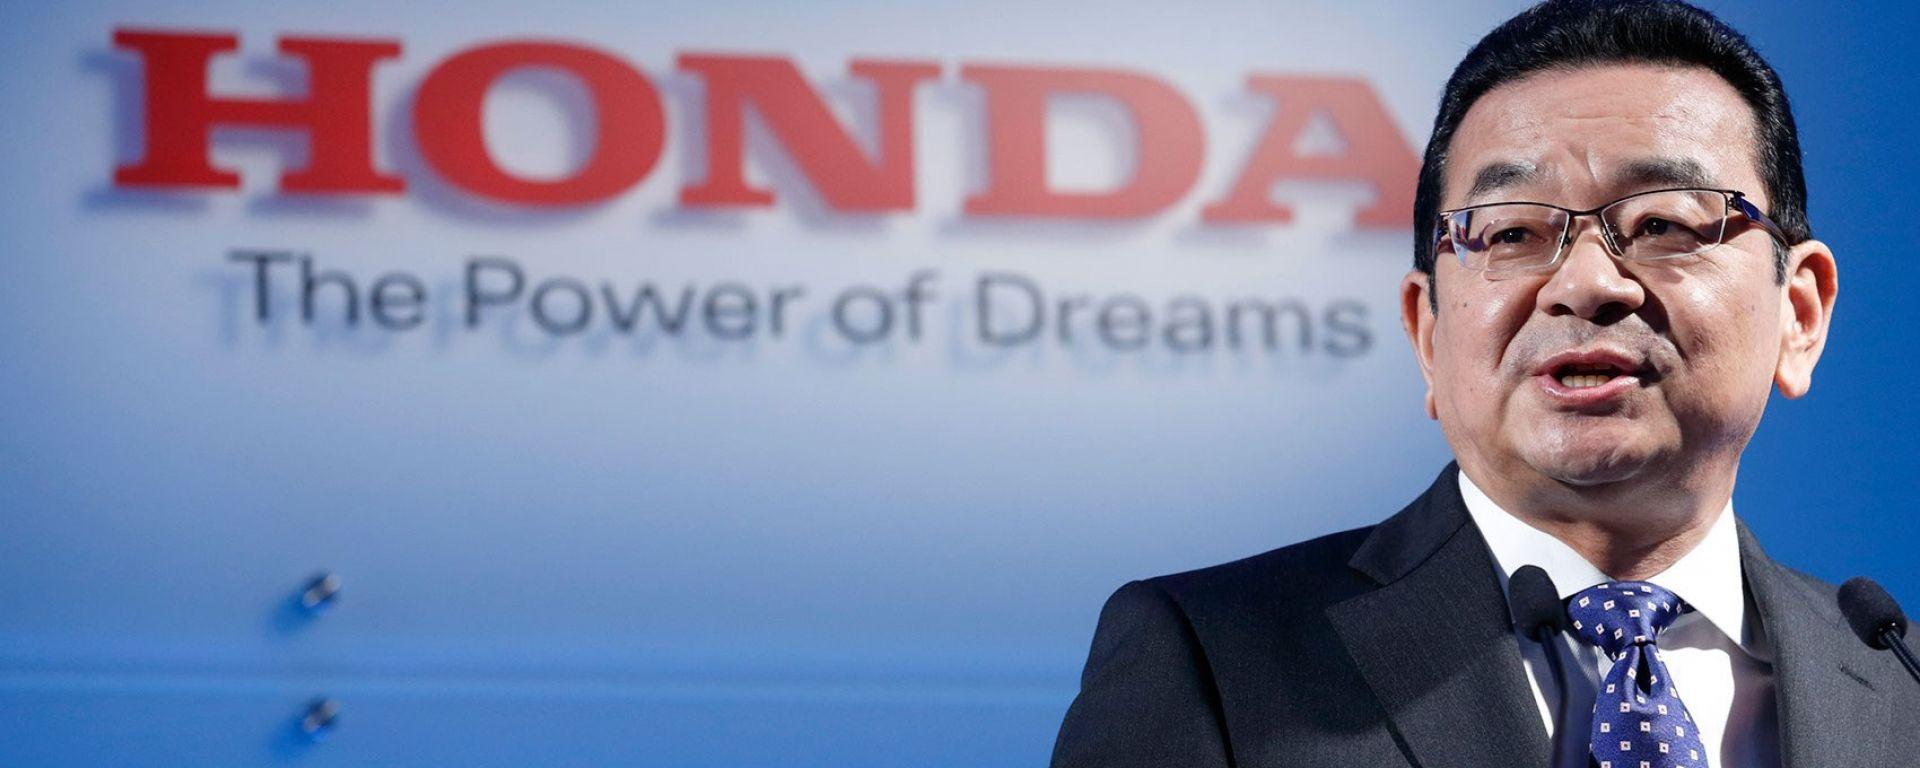 Il CEO di Honda Takahiro Hachigo